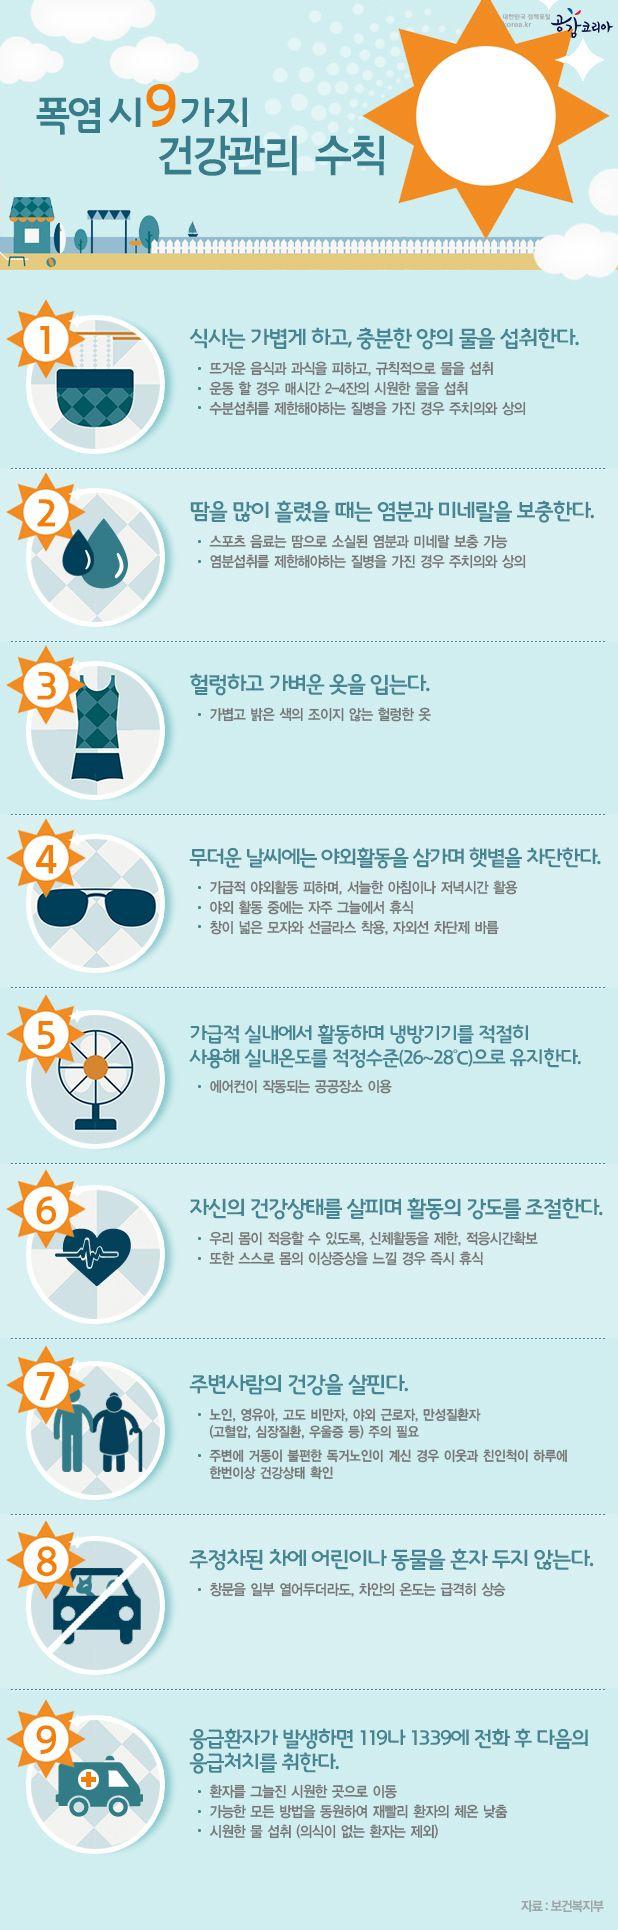 이른 무더위, 폭염 속 건강한 여름나기! (출처: 공감코리아 www.korea.kr)